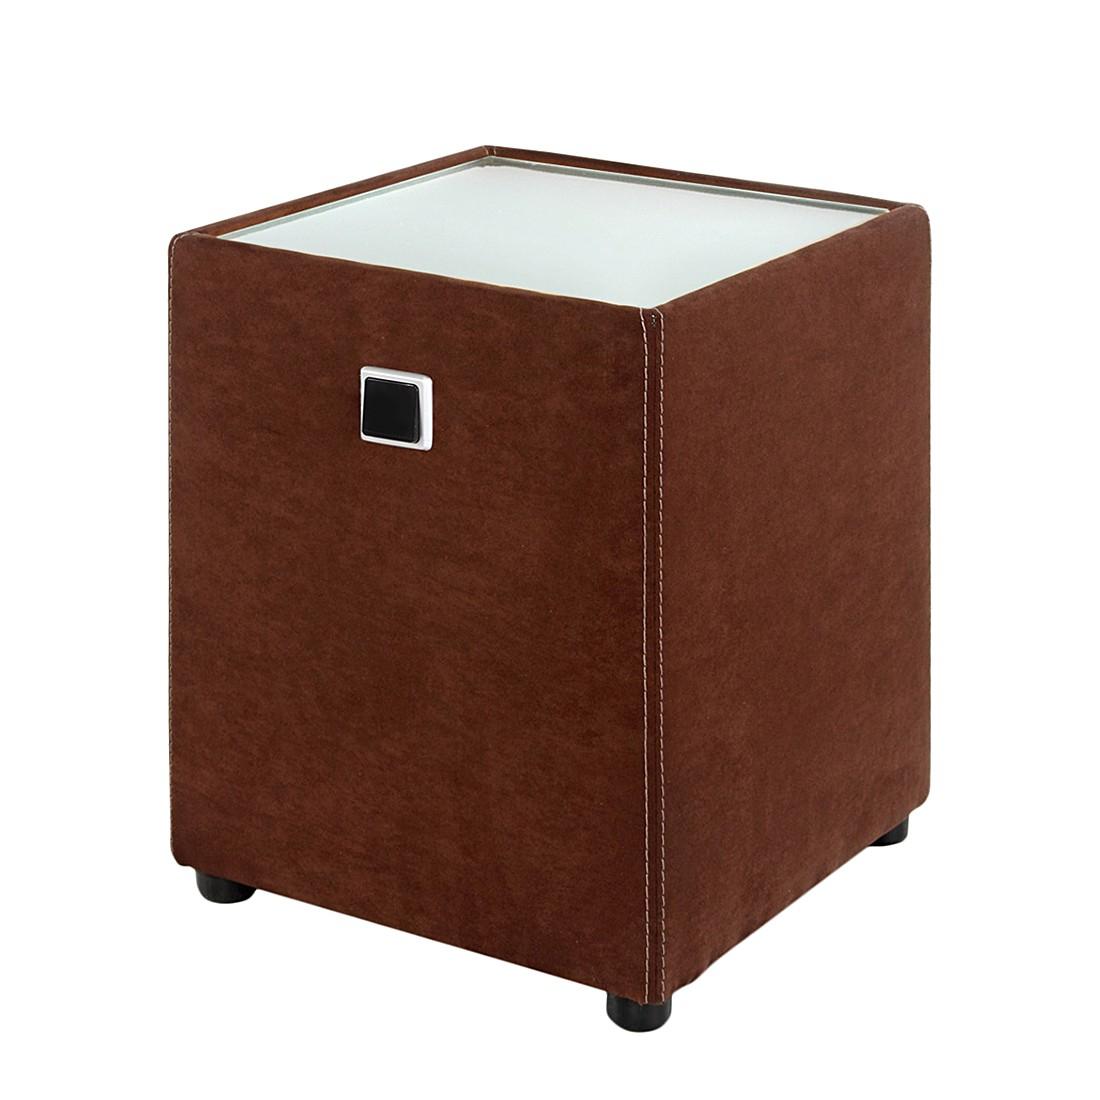 Nachtkonsole Shine (Inkl. Beleuchtung) – Microfaser Braun, Home Design online bestellen